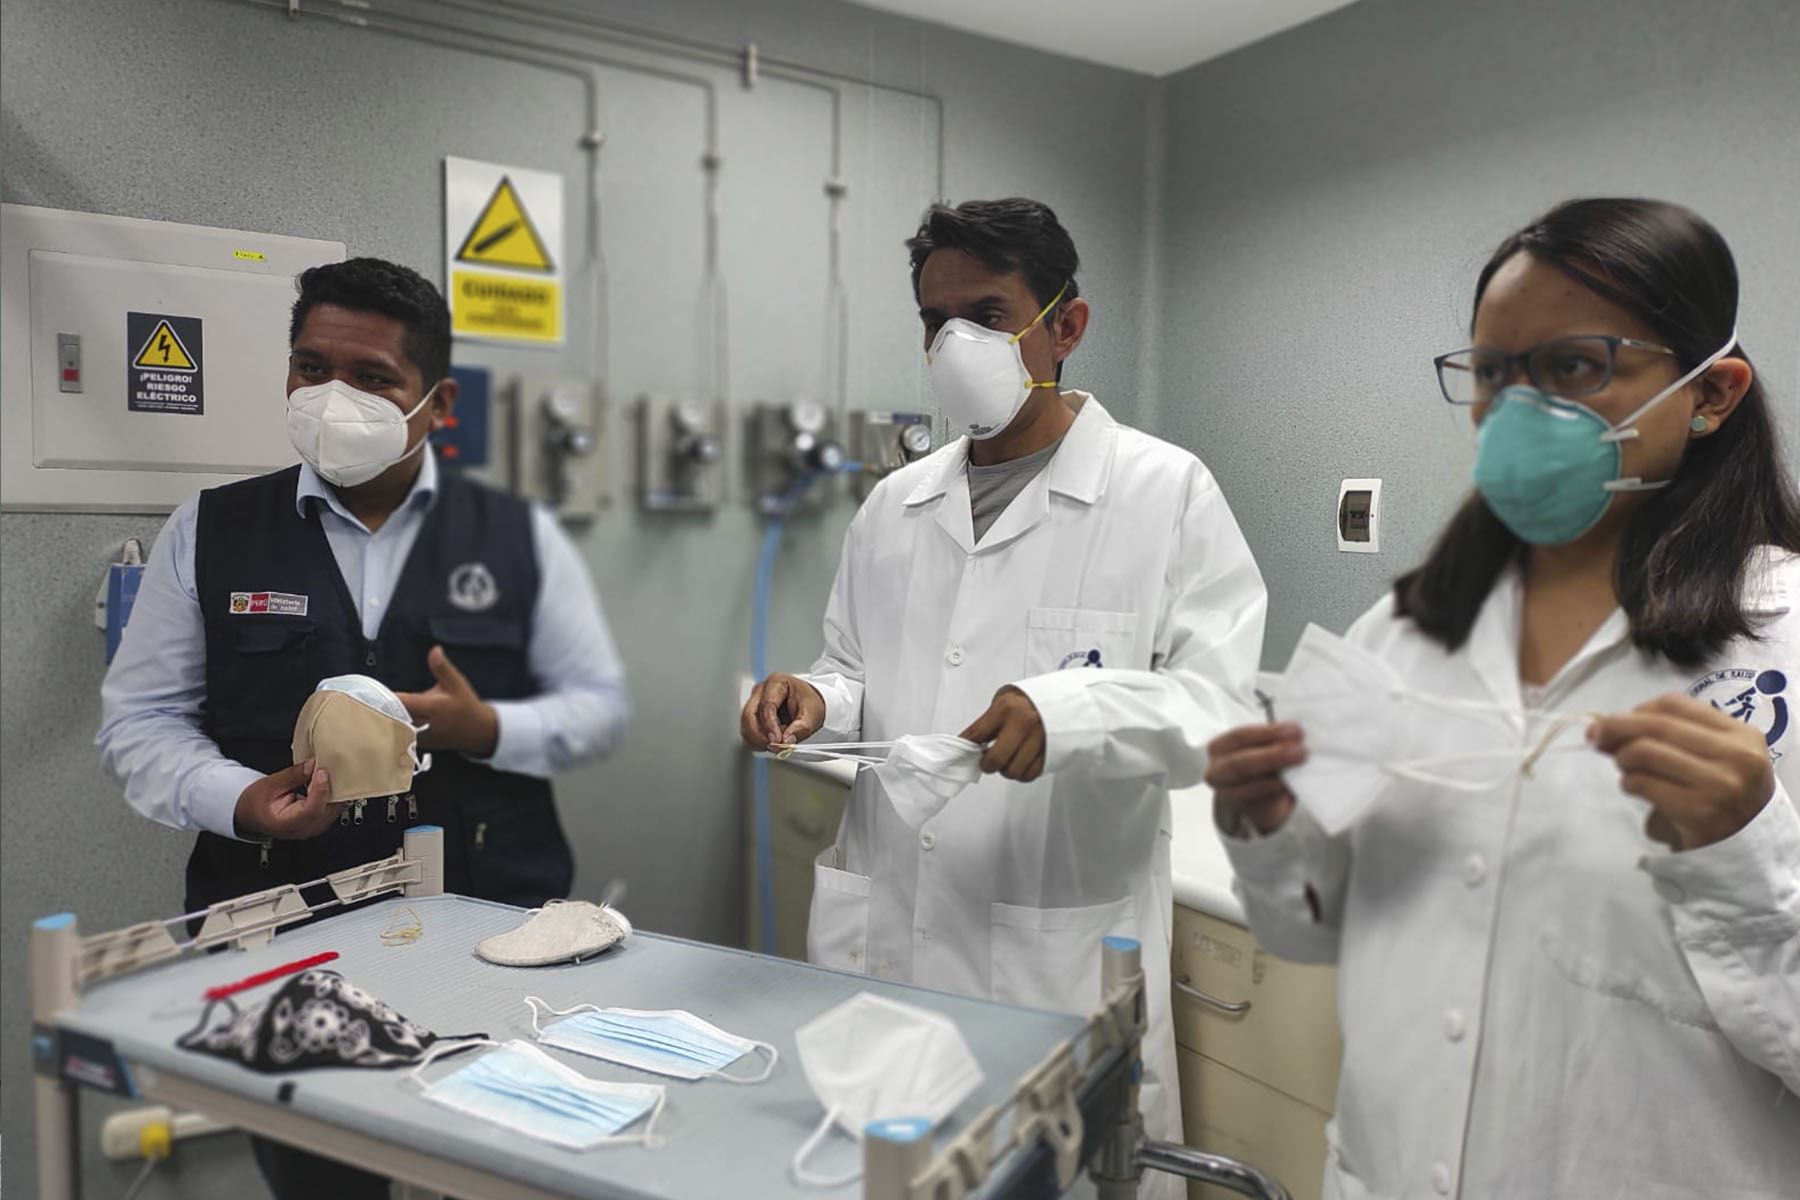 Esta tecnología pionera en el Perú consiste en un dispositivo que hace tres mediciones:  el nivel de filtración de partículas microscopicas, el nivel de respirabilidad y la protección respiratoria cuando una persona tiene puesta la mascarilla.